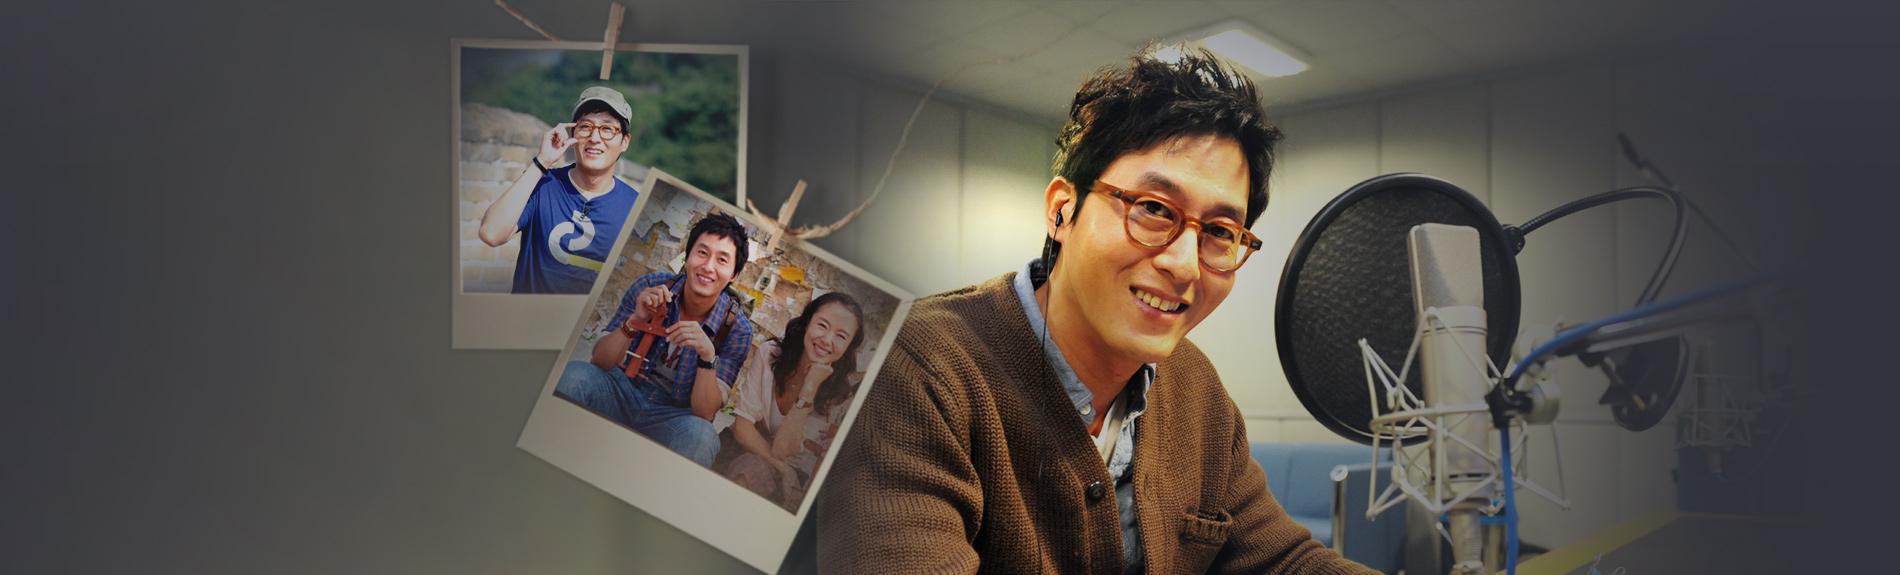 배우 故 김주혁<br>오래도록 기억하겠습니다.